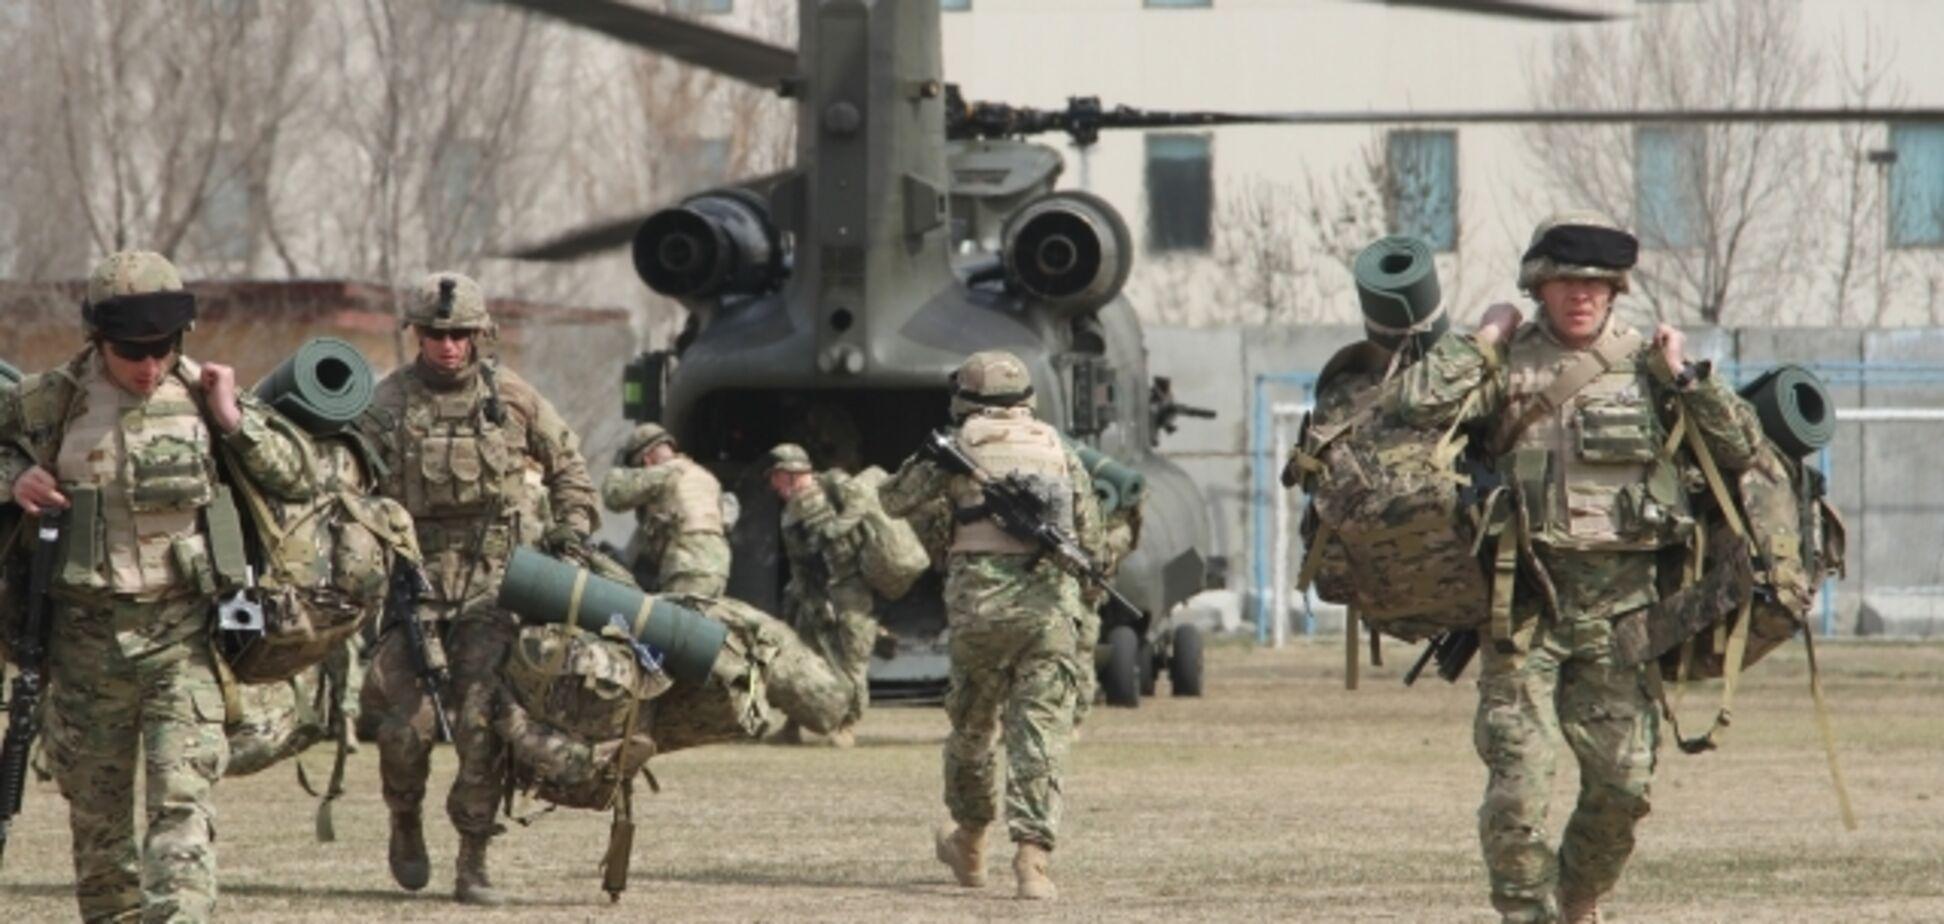 Іноземці зі зброєю НАТО: в ''ЛНР'' видали нову ''страшилку'' щодо ЗСУ